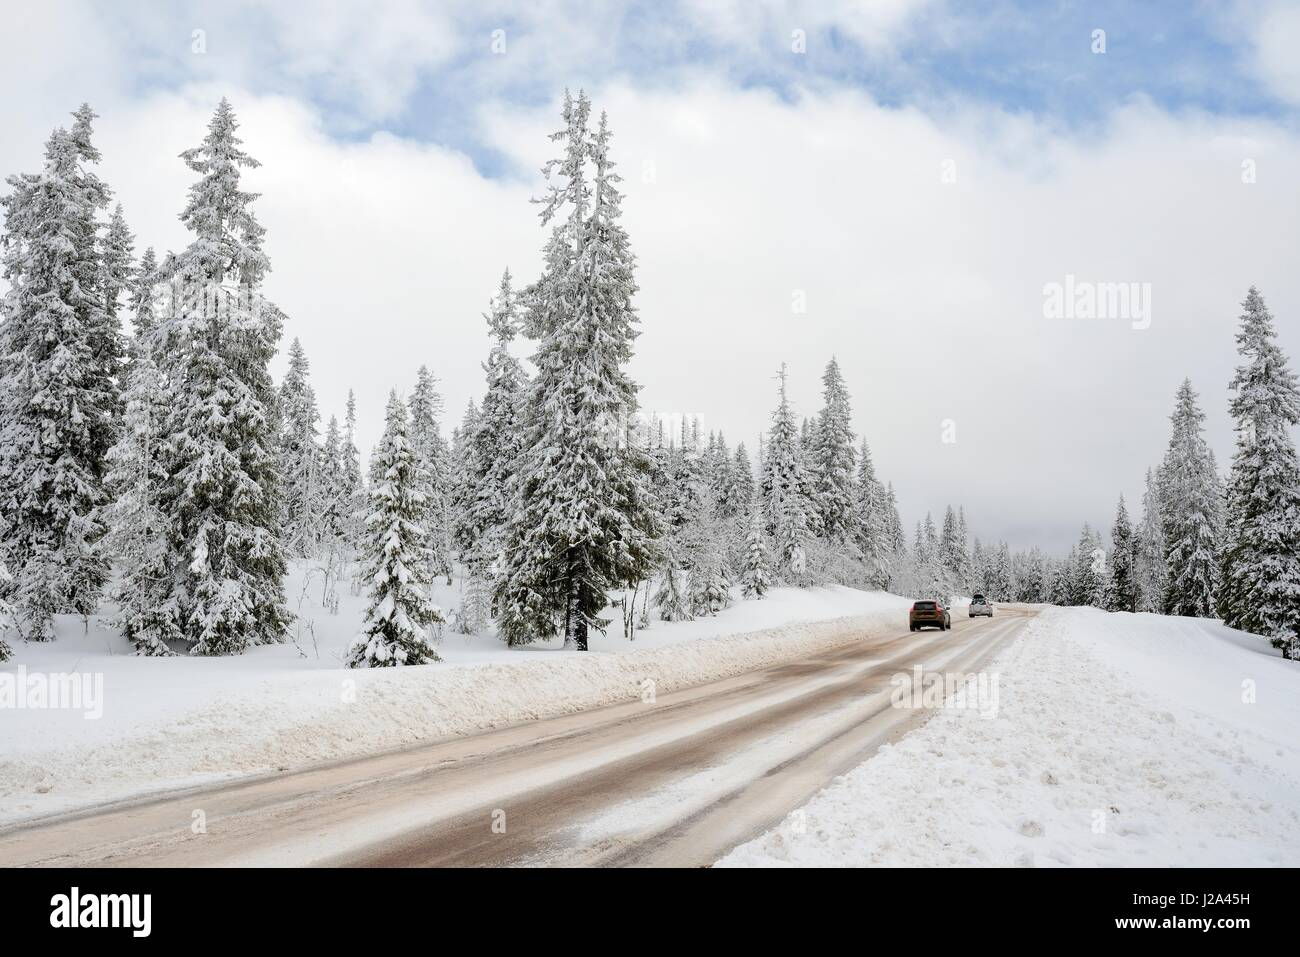 Road through a Winter Wonderland - Salen in Sweden. - Stock Image